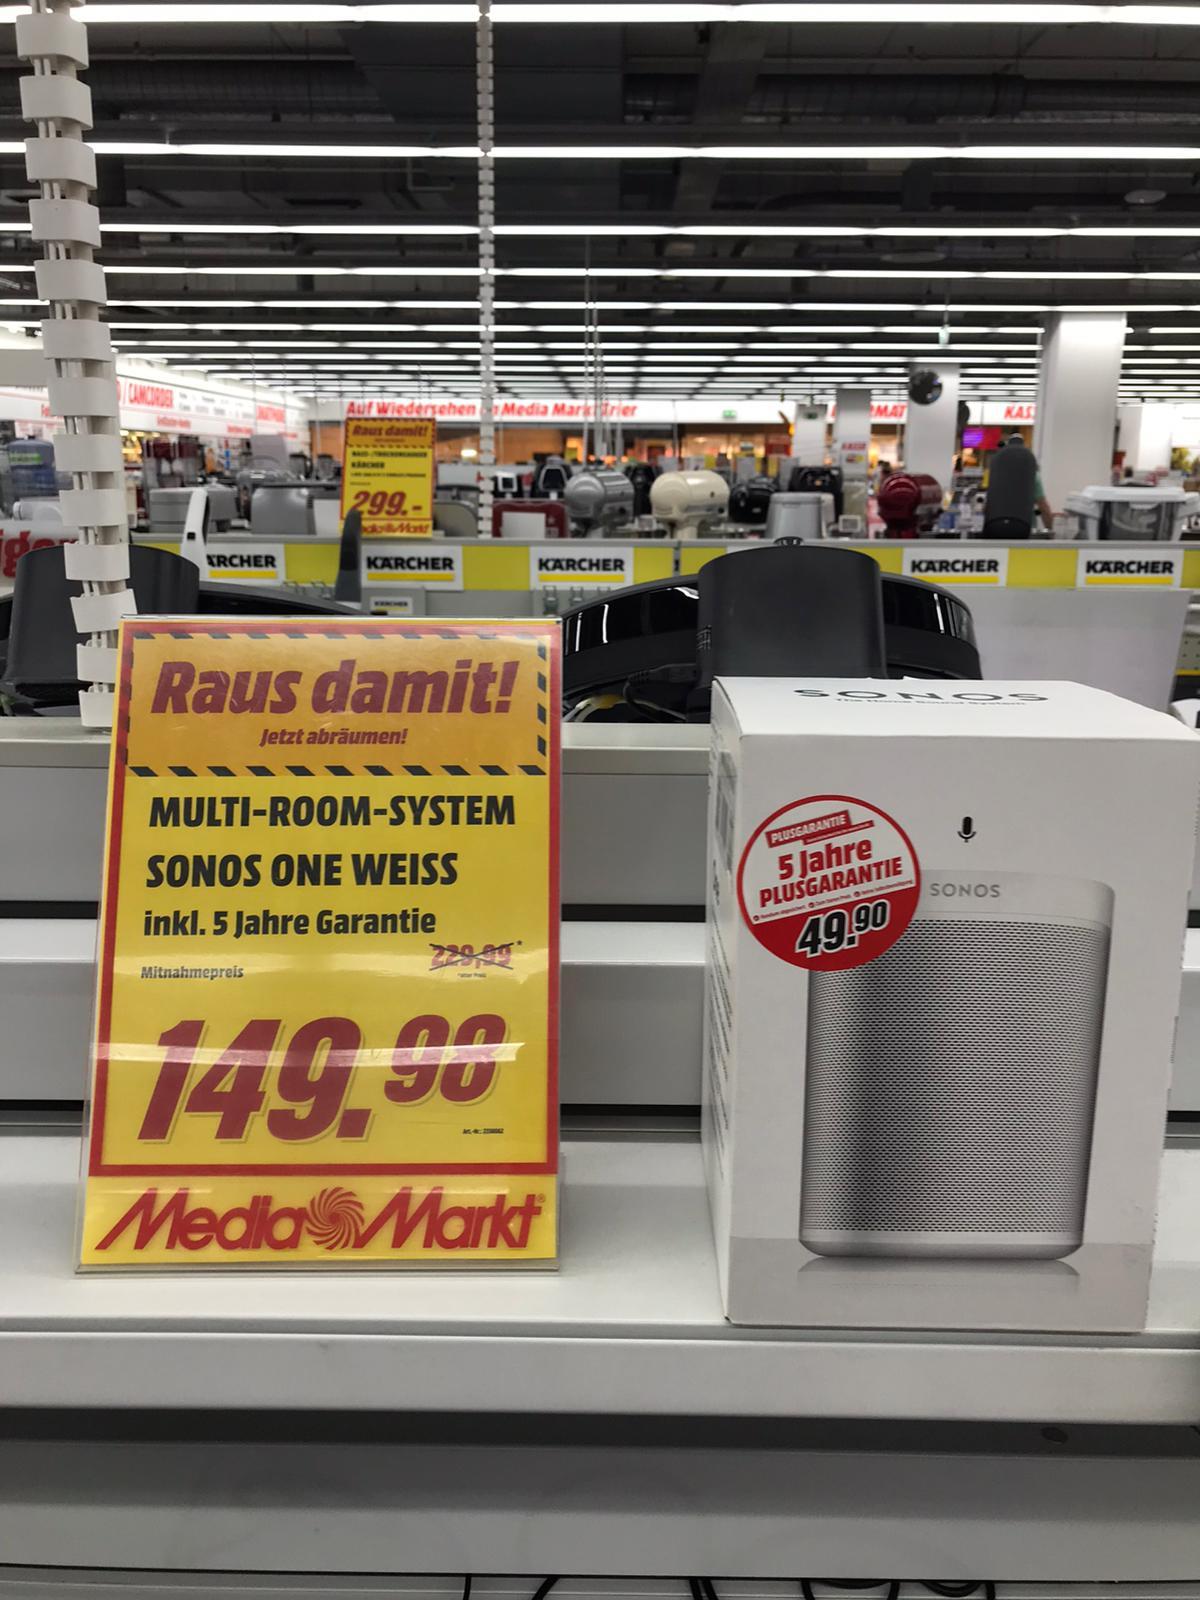 [MediaMarkt Trier] Sonos One (Gen 2) Weiß inkl. 5 Jahre Plus Garantie für 149€ Multiroom Lautsprecher